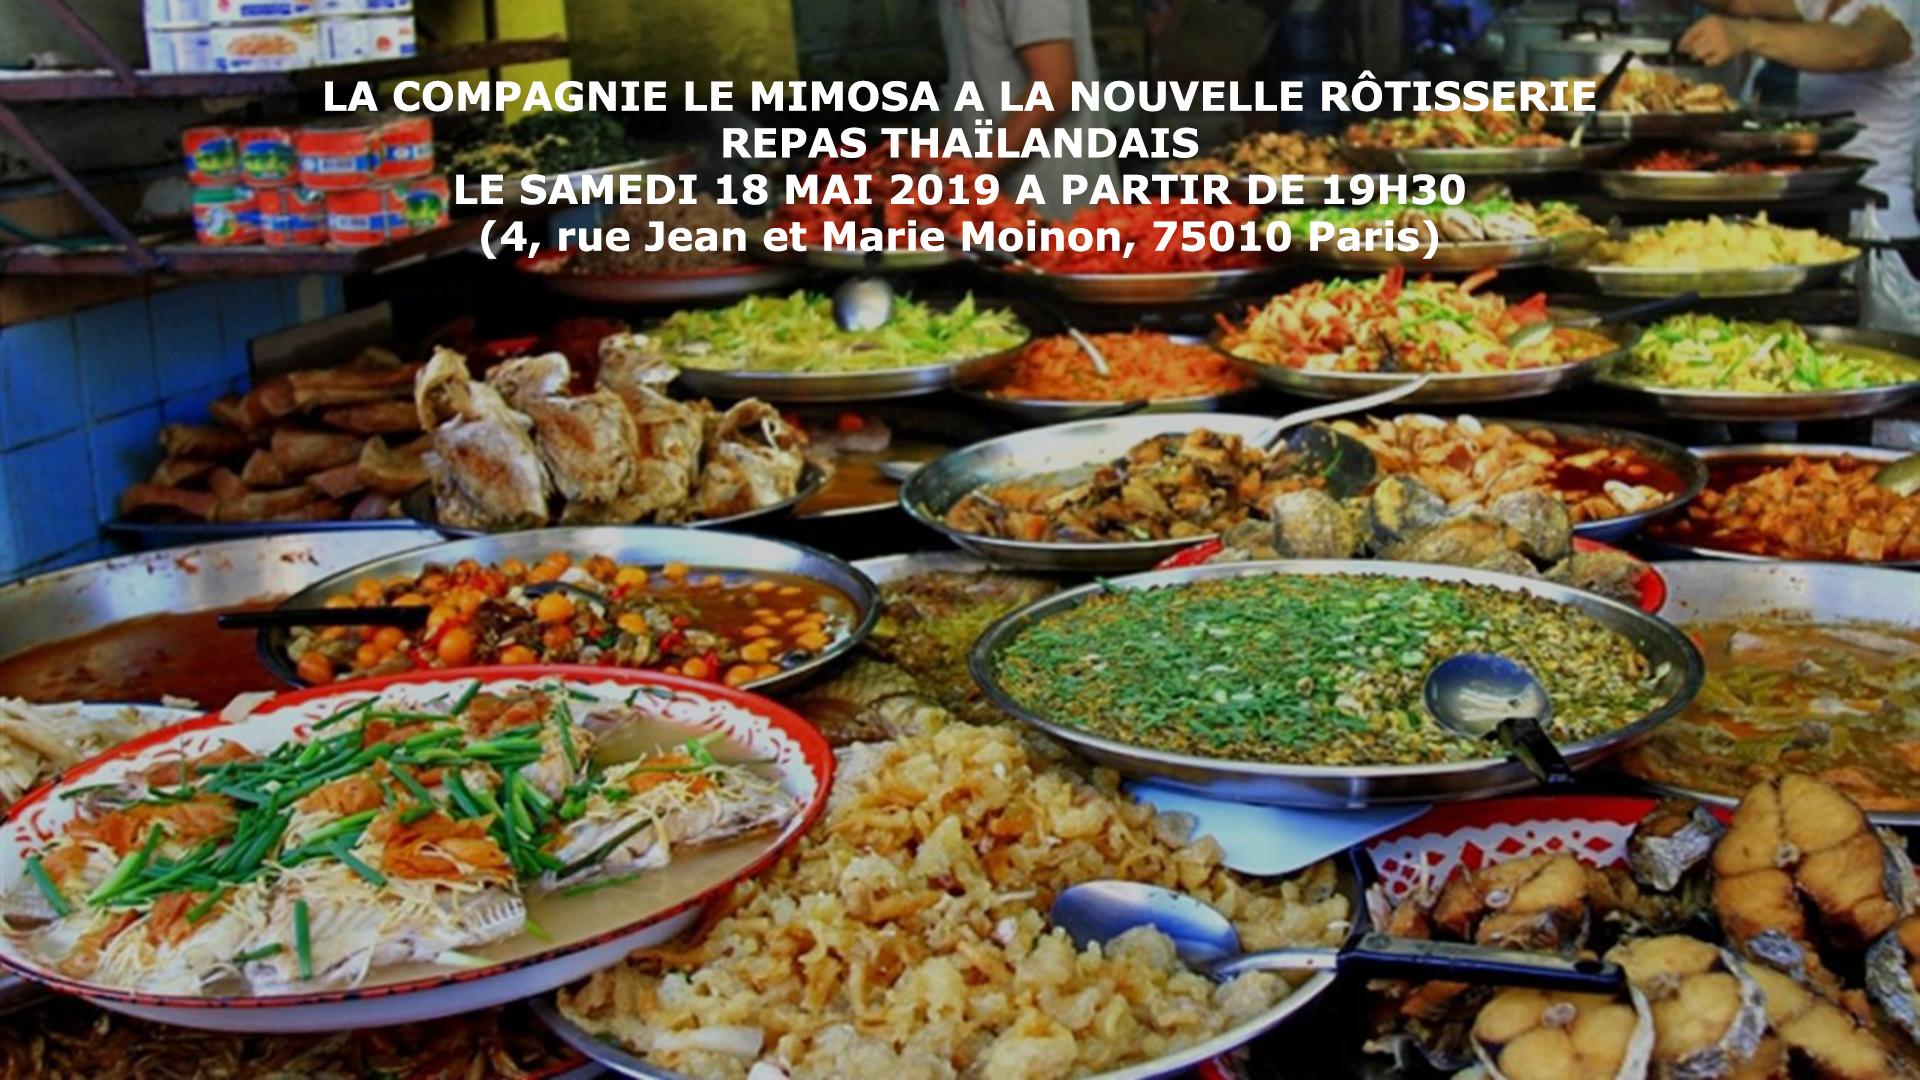 La compagnie le mimosa fait son repas à la Nouvelle Rôtisserie